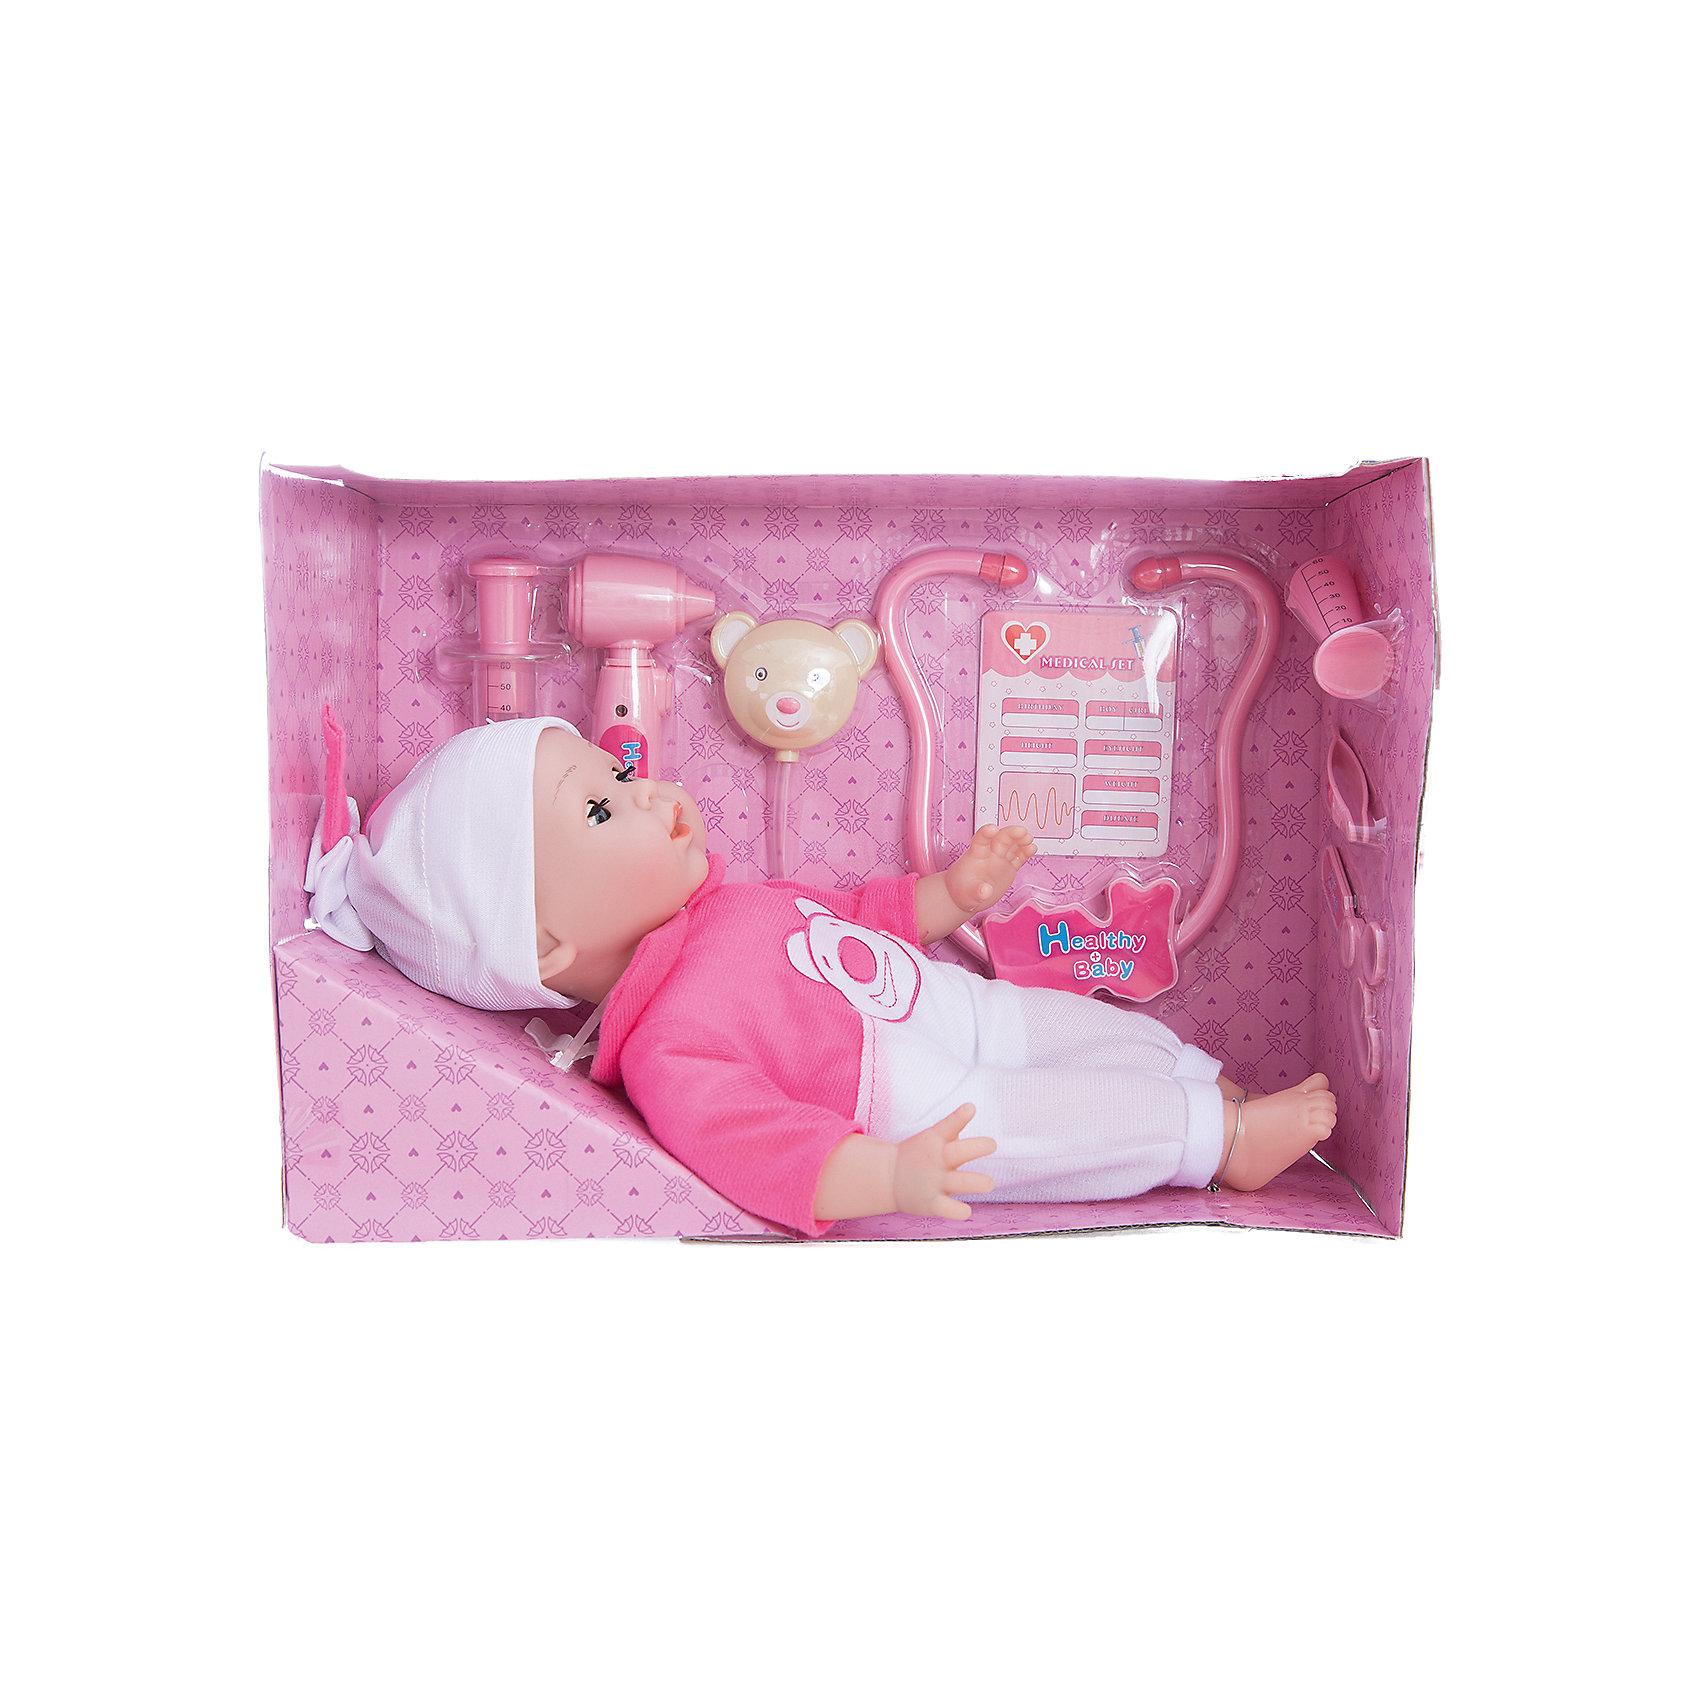 Интерактивная кукла Варя Вылечи меня!, 38 см, Mary PoppinsИнтерактивные куклы<br>Интерактивная кукла Варя Вылечи меня!, 38 см от популярного российского бренда кукол и аксессуаров Mary Poppins (Мэри Поппинс). Эта интерактивная кукла выглядит как настоящий ребеночек! Более того, в комплекте у этой малышки имеется все необходимое для медицинского осмотра и лечения: медицинская карта, стетоскоп, при использовании которого можно услышать биение сердца, отоскоп для проверки ушей, кукла будет хныкать, и, конечно же, если сделать укол, то она начнет громко плакать. Кукла говорит «баба», если нажать на правую руку, а если нажать дважды, то кукла скажем «мама». Теперь кукла Варя будет всегда здорова! Кукла одета в красивый розово-белый комбинезон, а на голове малышки стильная белая с розовым шапочка. Нейтральное выражения лица пупса поможет ребенку придумать множество своих сценариев и чувств куклы, закладывая фундамент социальных навыков и социального развития. Играя с куклами дети познают человека, как с физиологической, так и с стороны общения между людьми, развивается моторика рук, внимание, воображение, такие игры положительно влияют на психологическое развитие. <br><br>Дополнительная информация:<br><br>- В комплект входит: 1 кукла в одежде, стетоскоп, отоскоп, карточка малыша.<br>- Материал: ПВХ, текстиль, пластик <br>- Размер куклы: 38 см<br>- Необходимы три батарейки типа LR44 (не входят в комплект)<br><br>Интерактивную куклу Варя Вылечи меня!, 38 см, Mary Poppins (Мэри Поппинс) можно купить в нашем интернет-магазине.<br><br>Подробнее:<br>• Для детей в возрасте: от 3 до 10 лет<br>• Номер товара: 4925543<br>Страна производитель: Китай<br><br>Ширина мм: 395<br>Глубина мм: 160<br>Высота мм: 325<br>Вес г: 7578<br>Возраст от месяцев: 36<br>Возраст до месяцев: 120<br>Пол: Женский<br>Возраст: Детский<br>SKU: 4925543